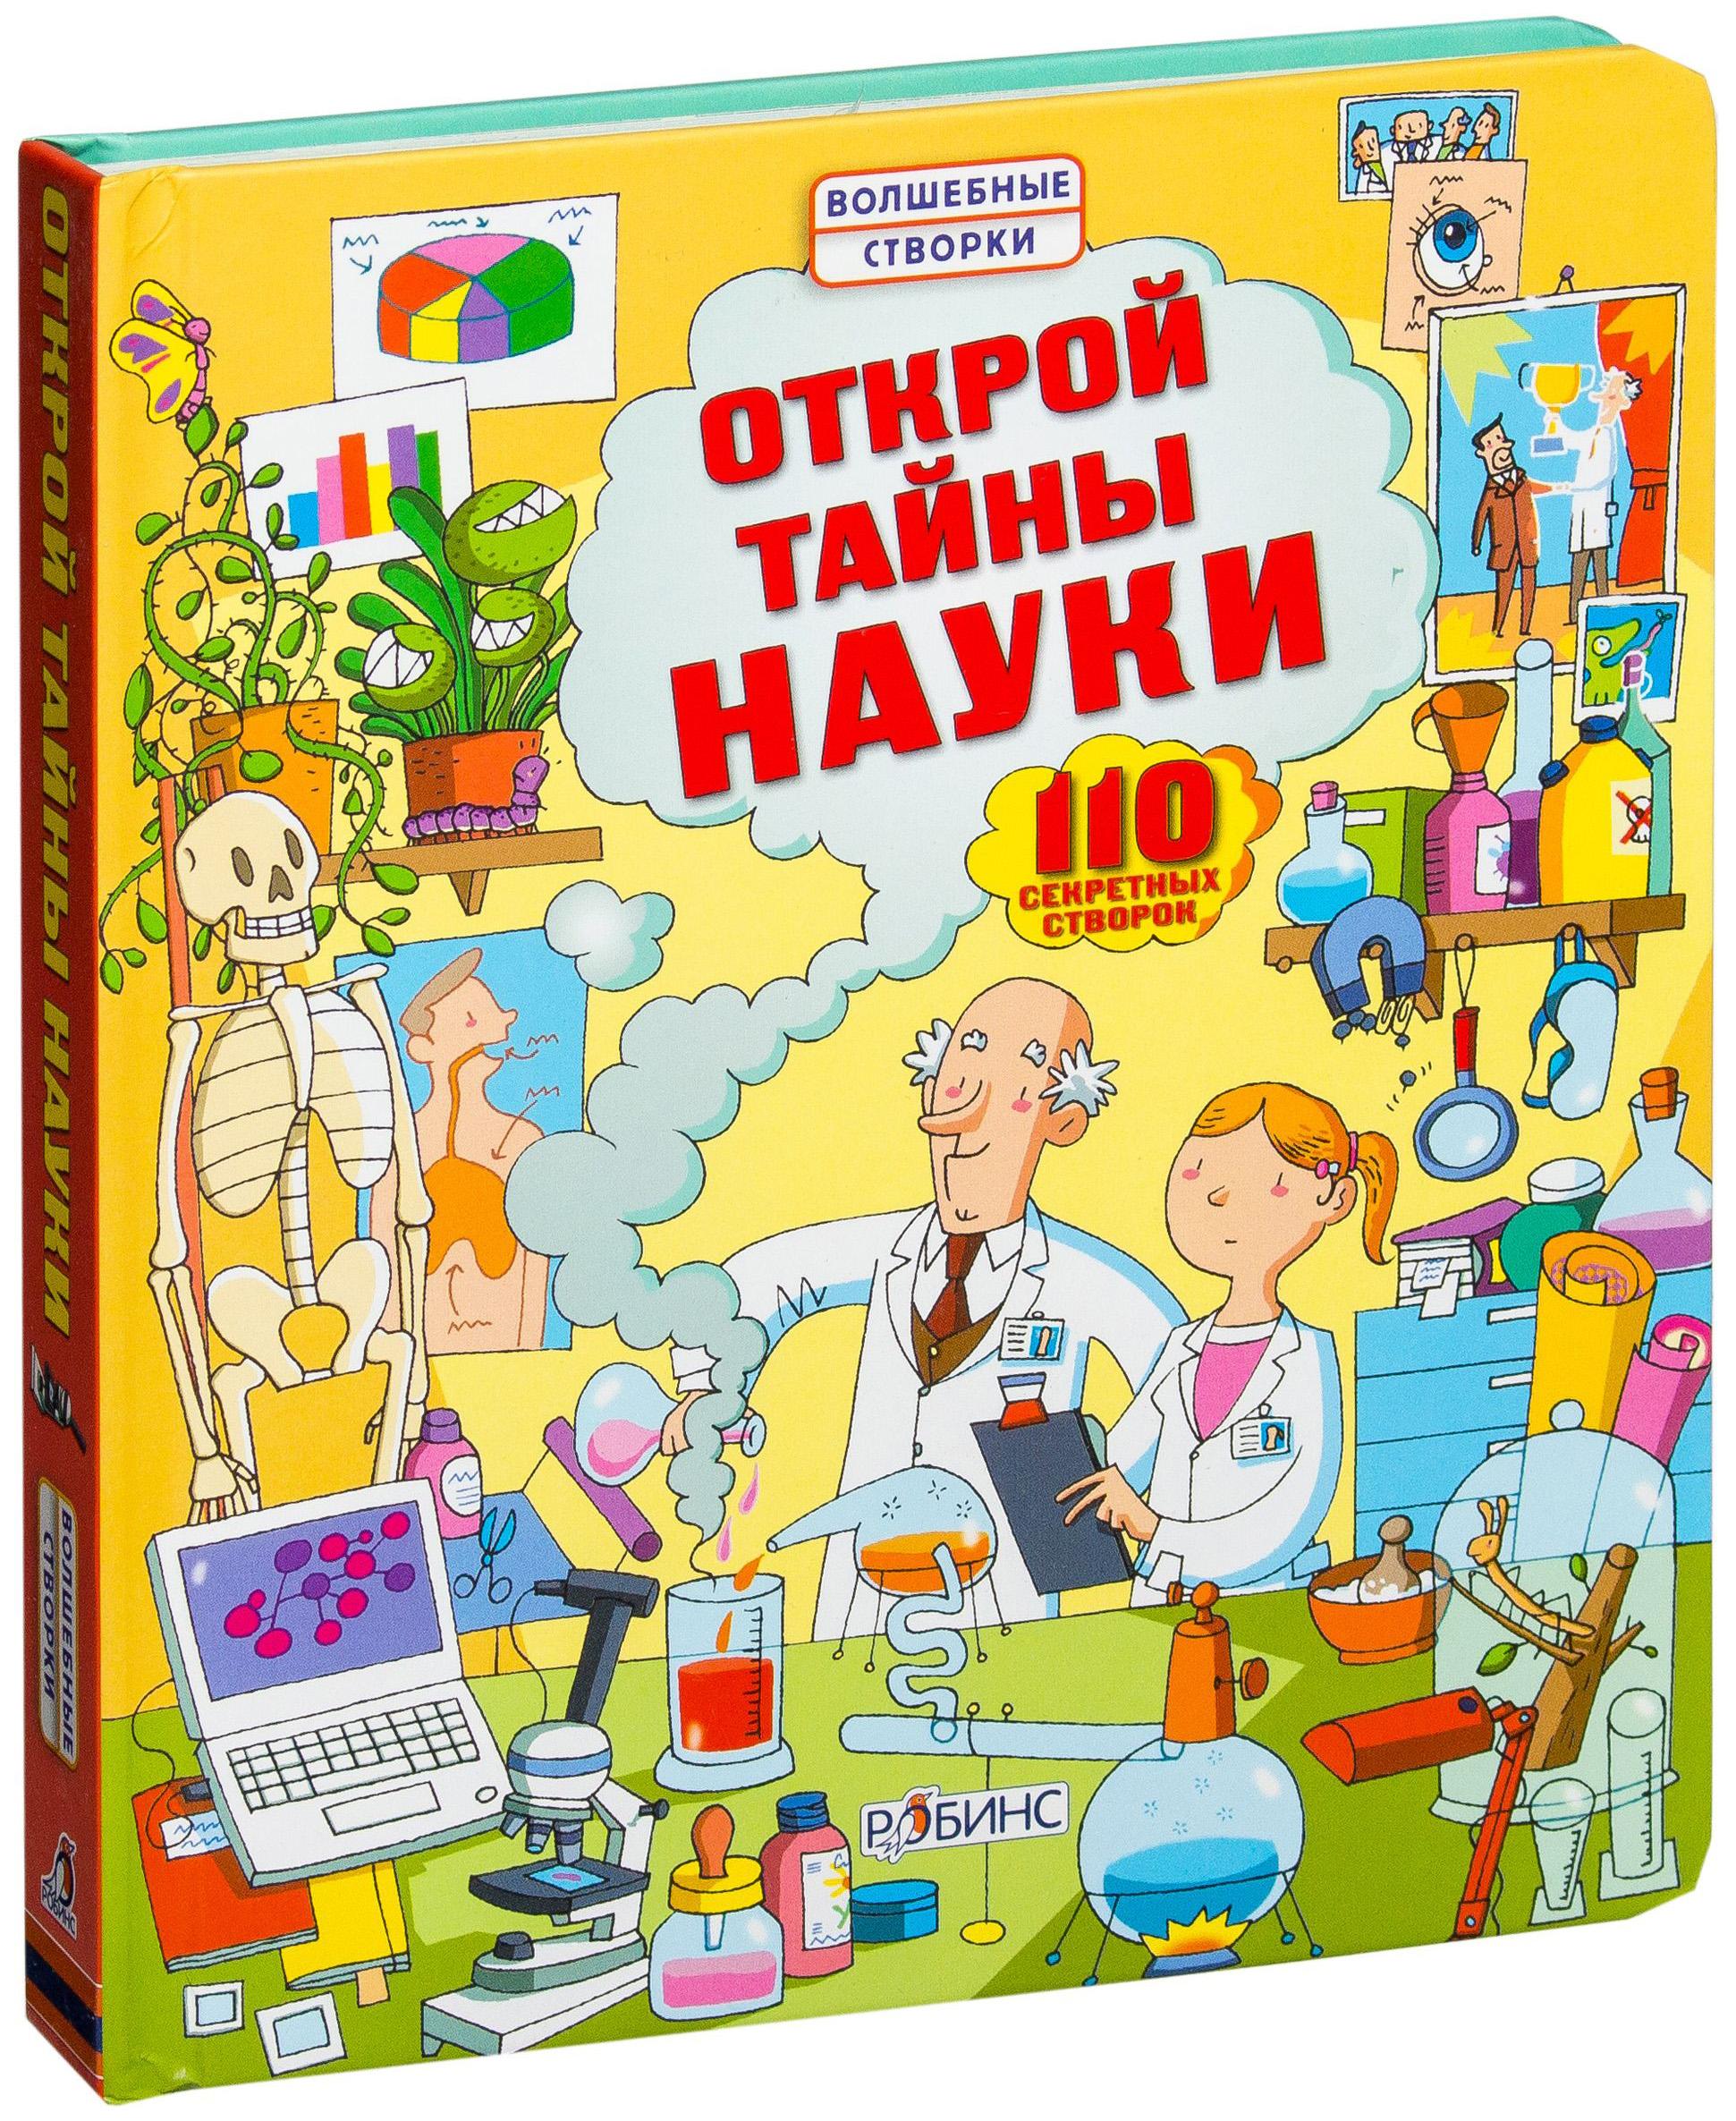 Купить Книга Робинс Минна лейси Открой тайны науки, Наука и техника